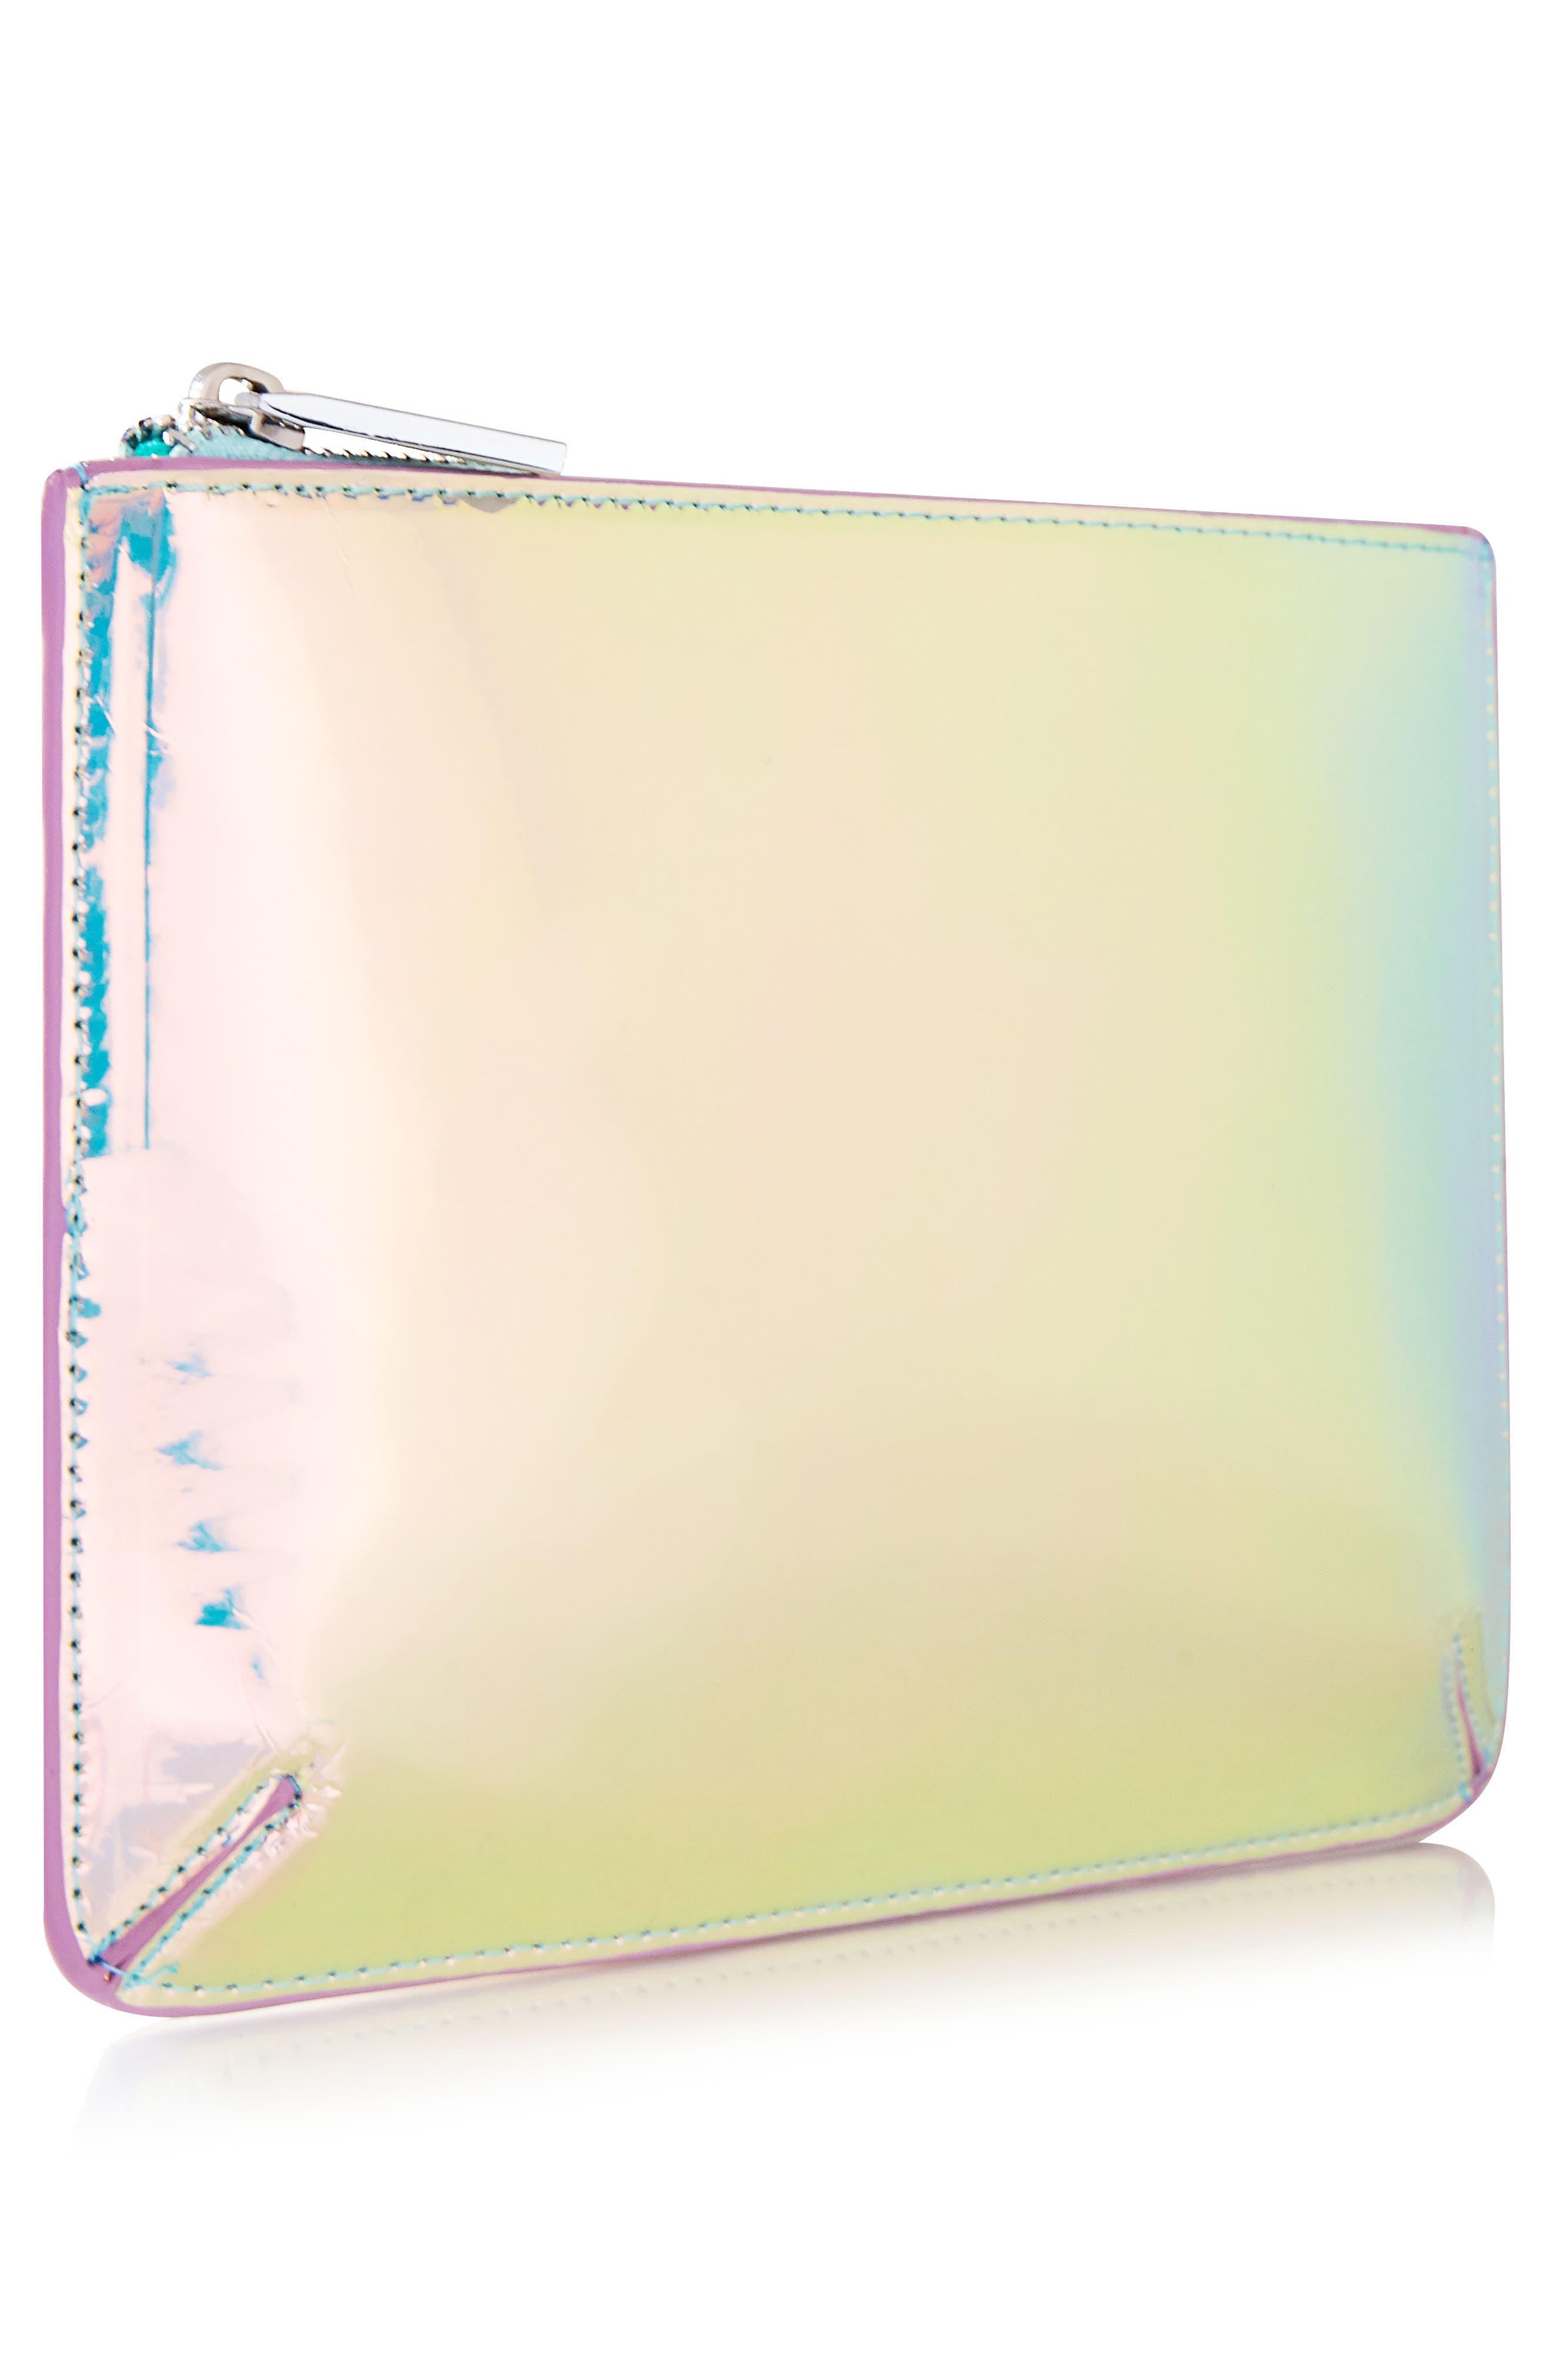 Skinny Dip Ocean Makeup Bag,                             Alternate thumbnail 2, color,                             000